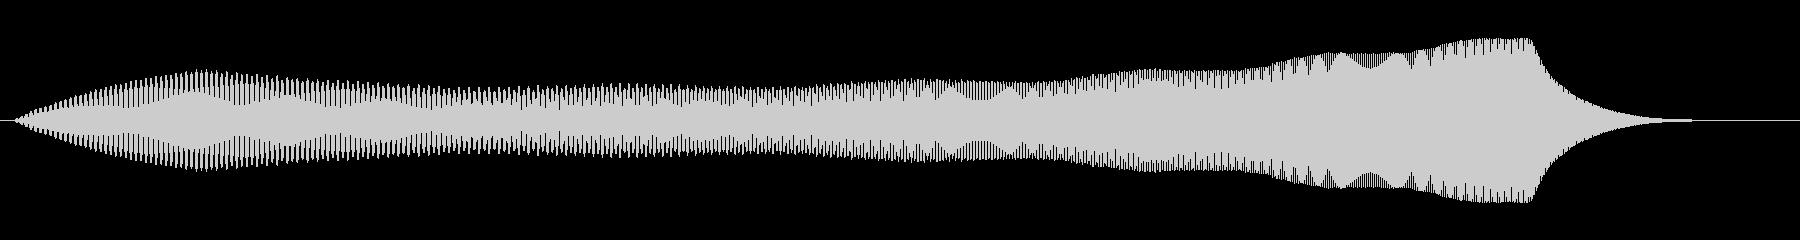 ム〜↑ミュン(空間的な電子音)の未再生の波形